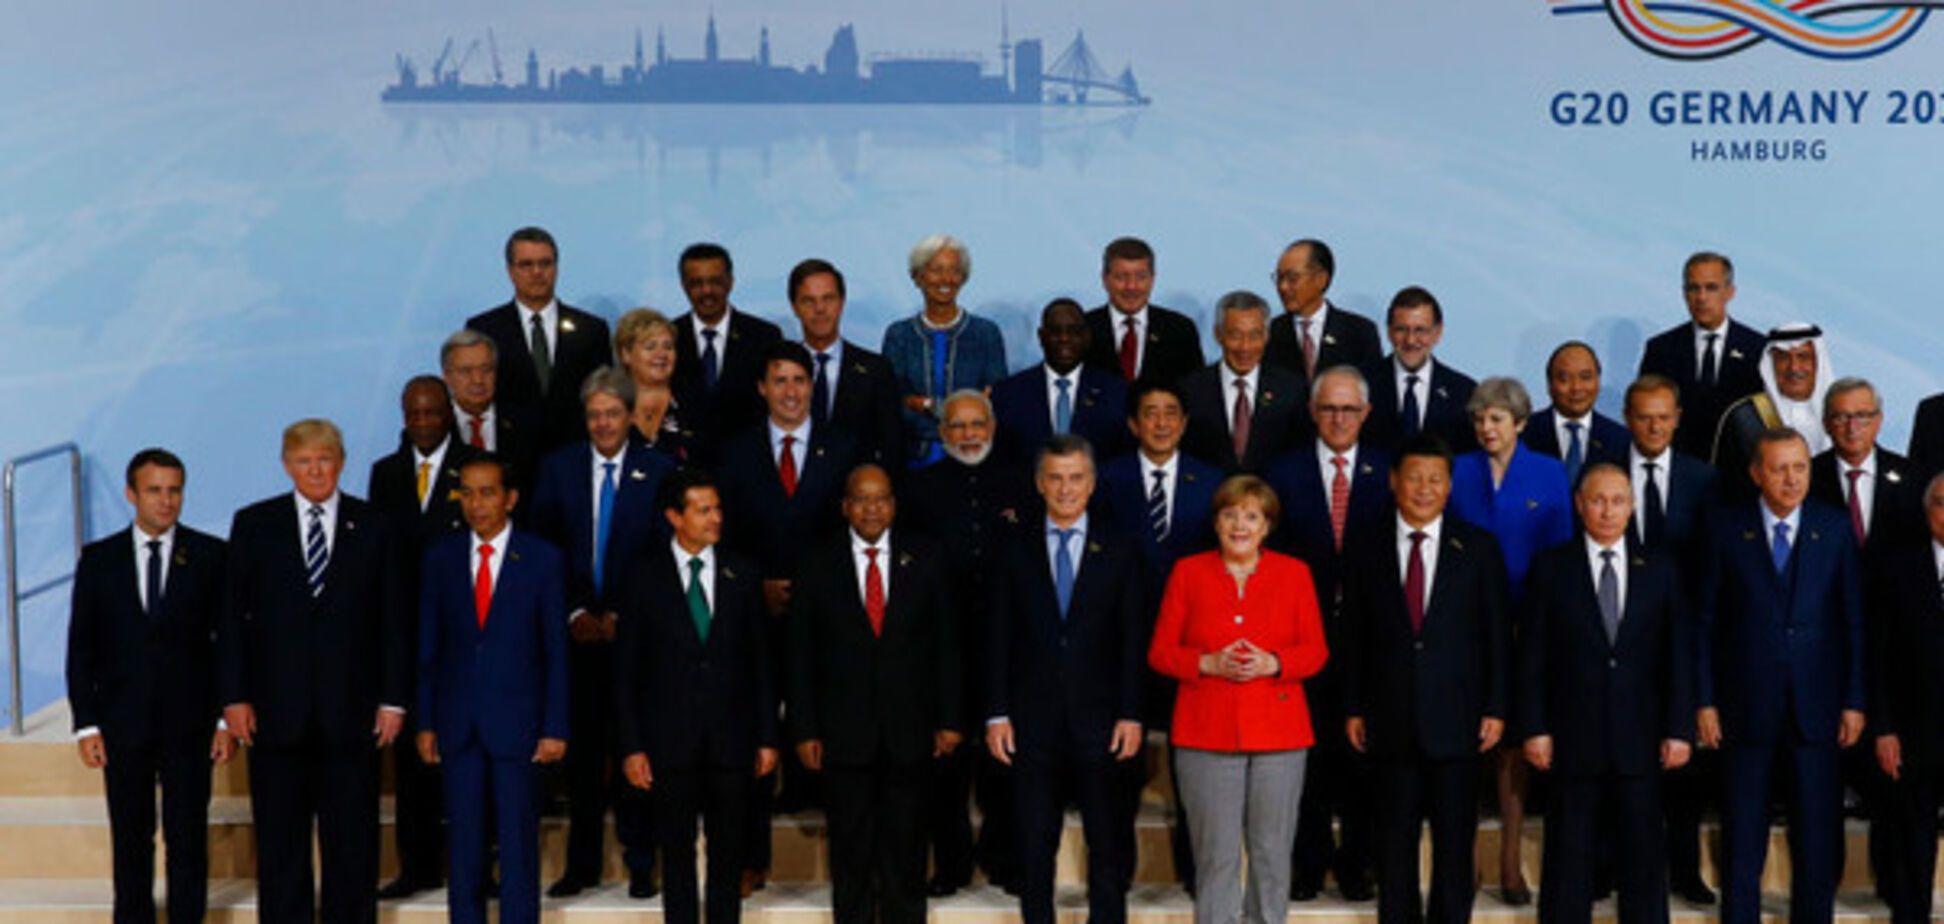 Зупинити падіння Заходу: в ЄС розповіли про головні підсумки саміту G20